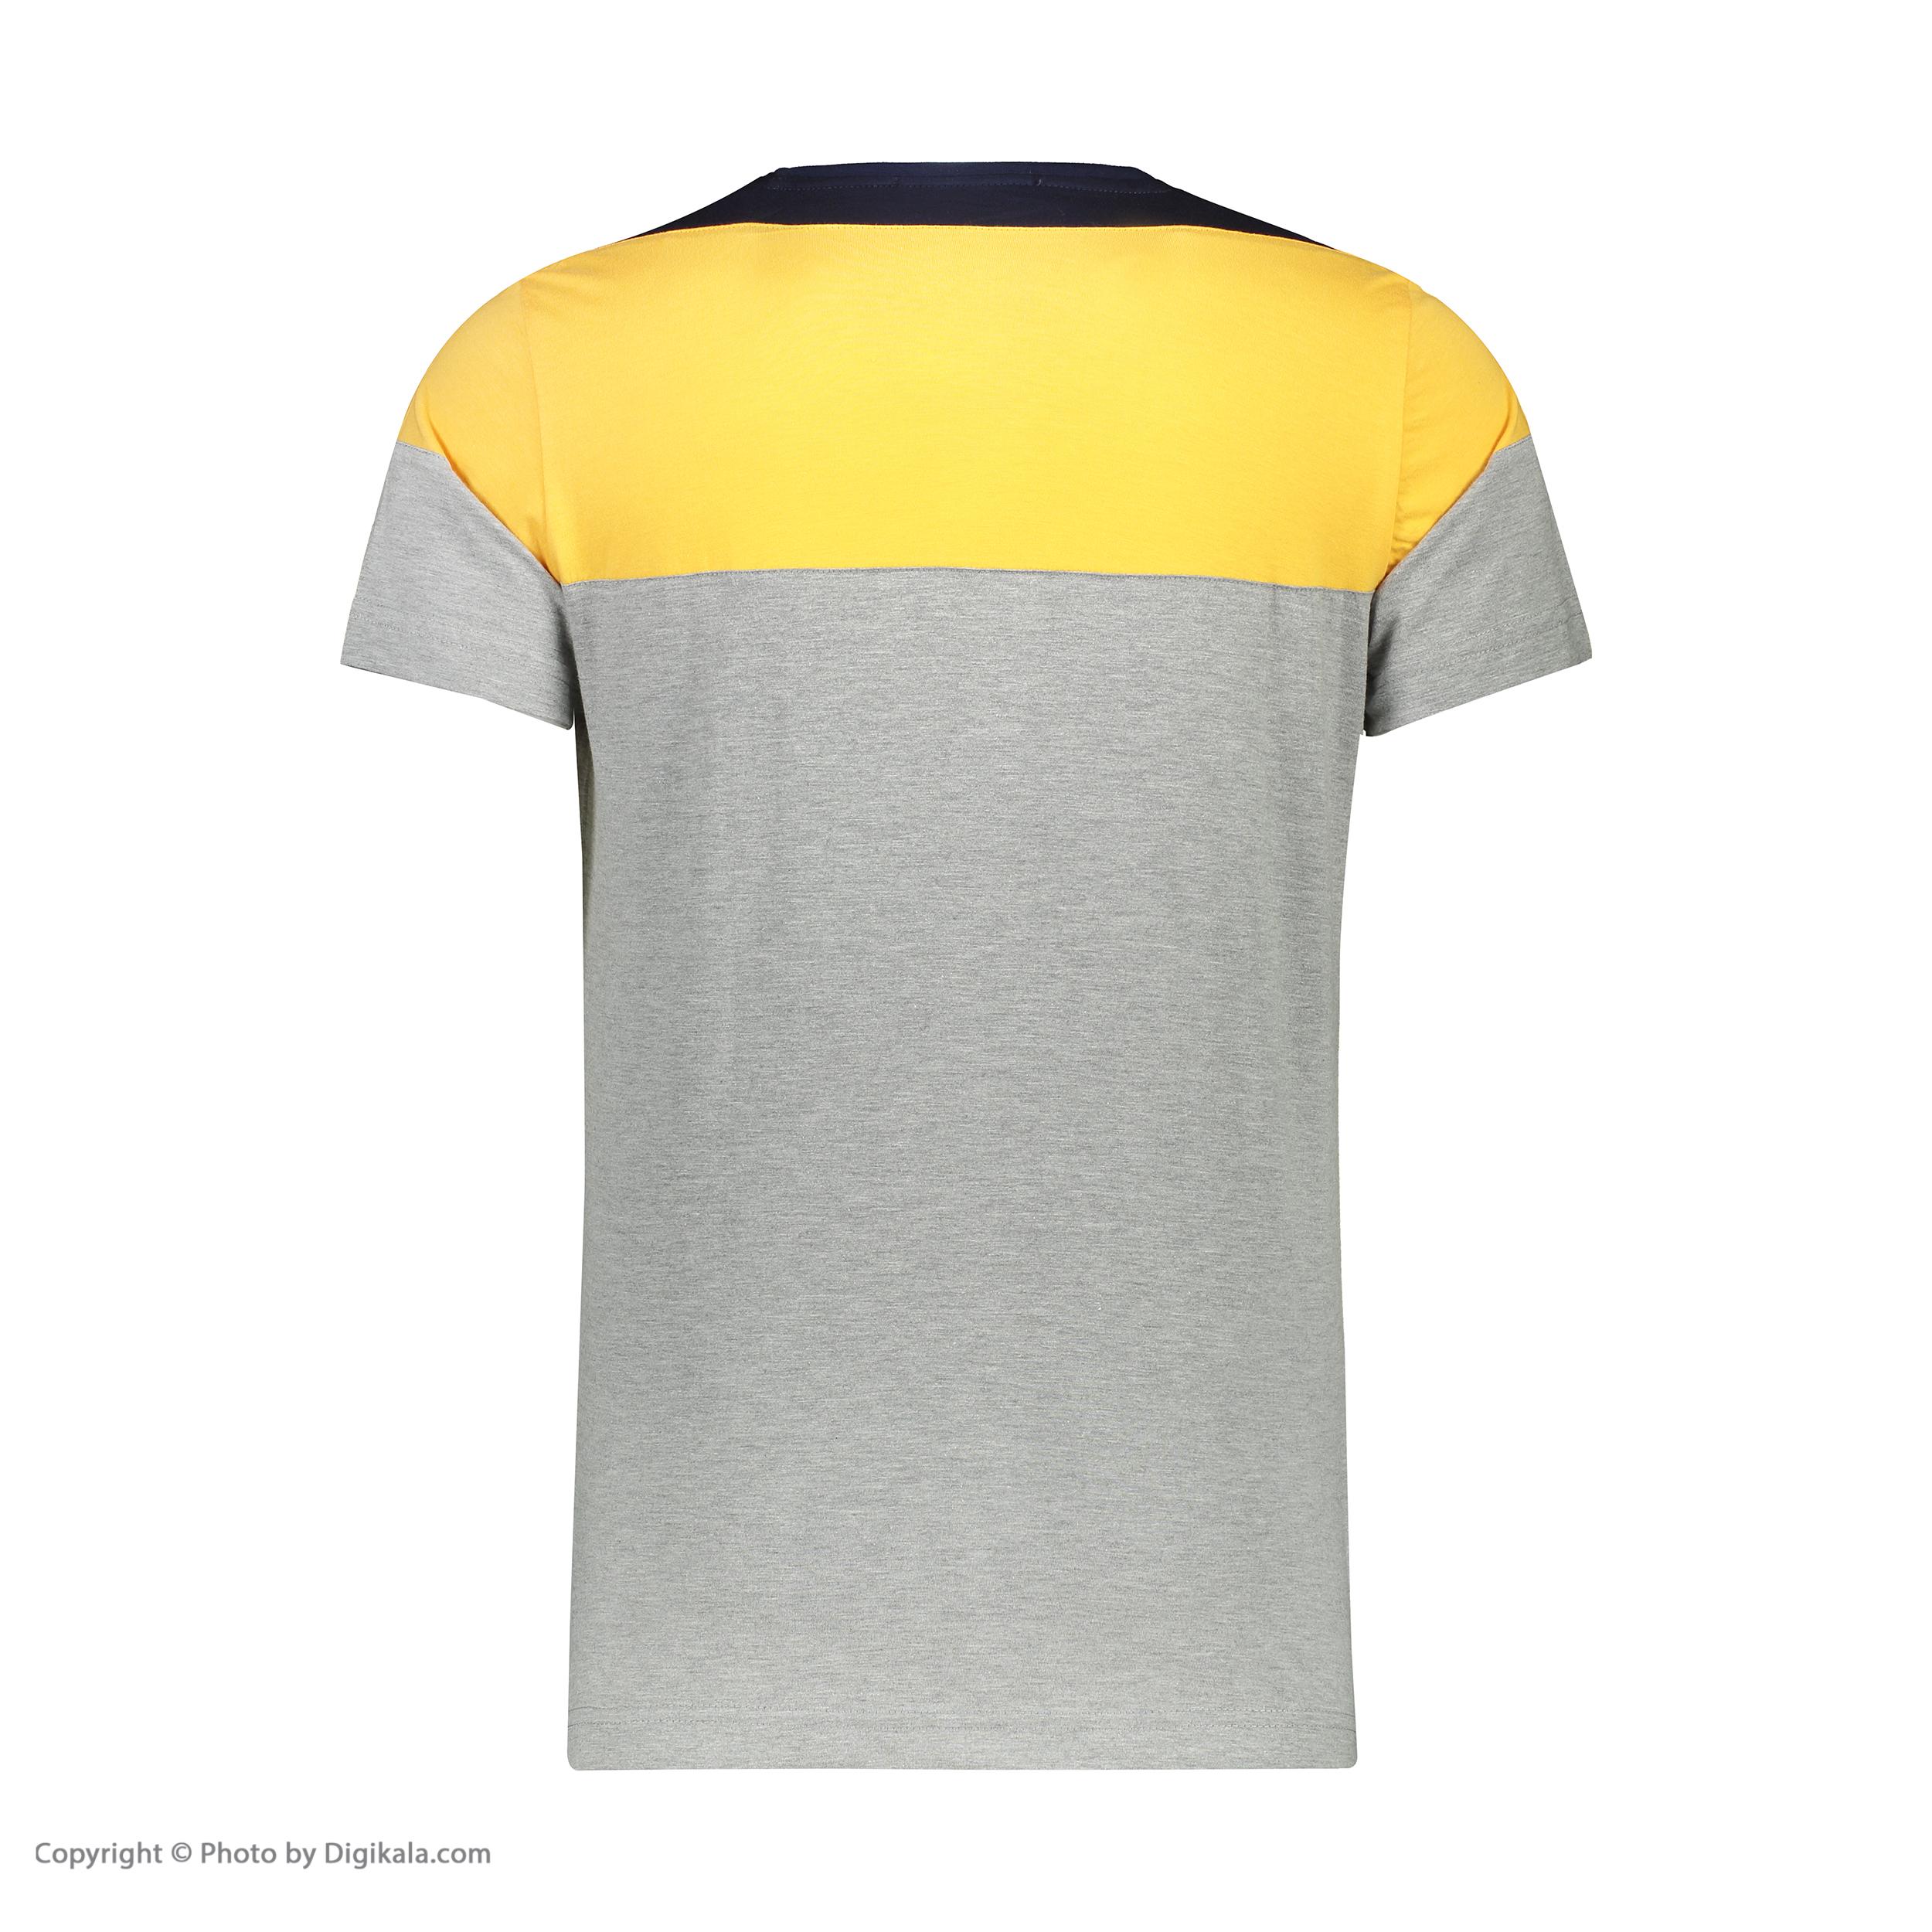 تی شرت مردانه جامه پوش آرا مدل 4011018283-16